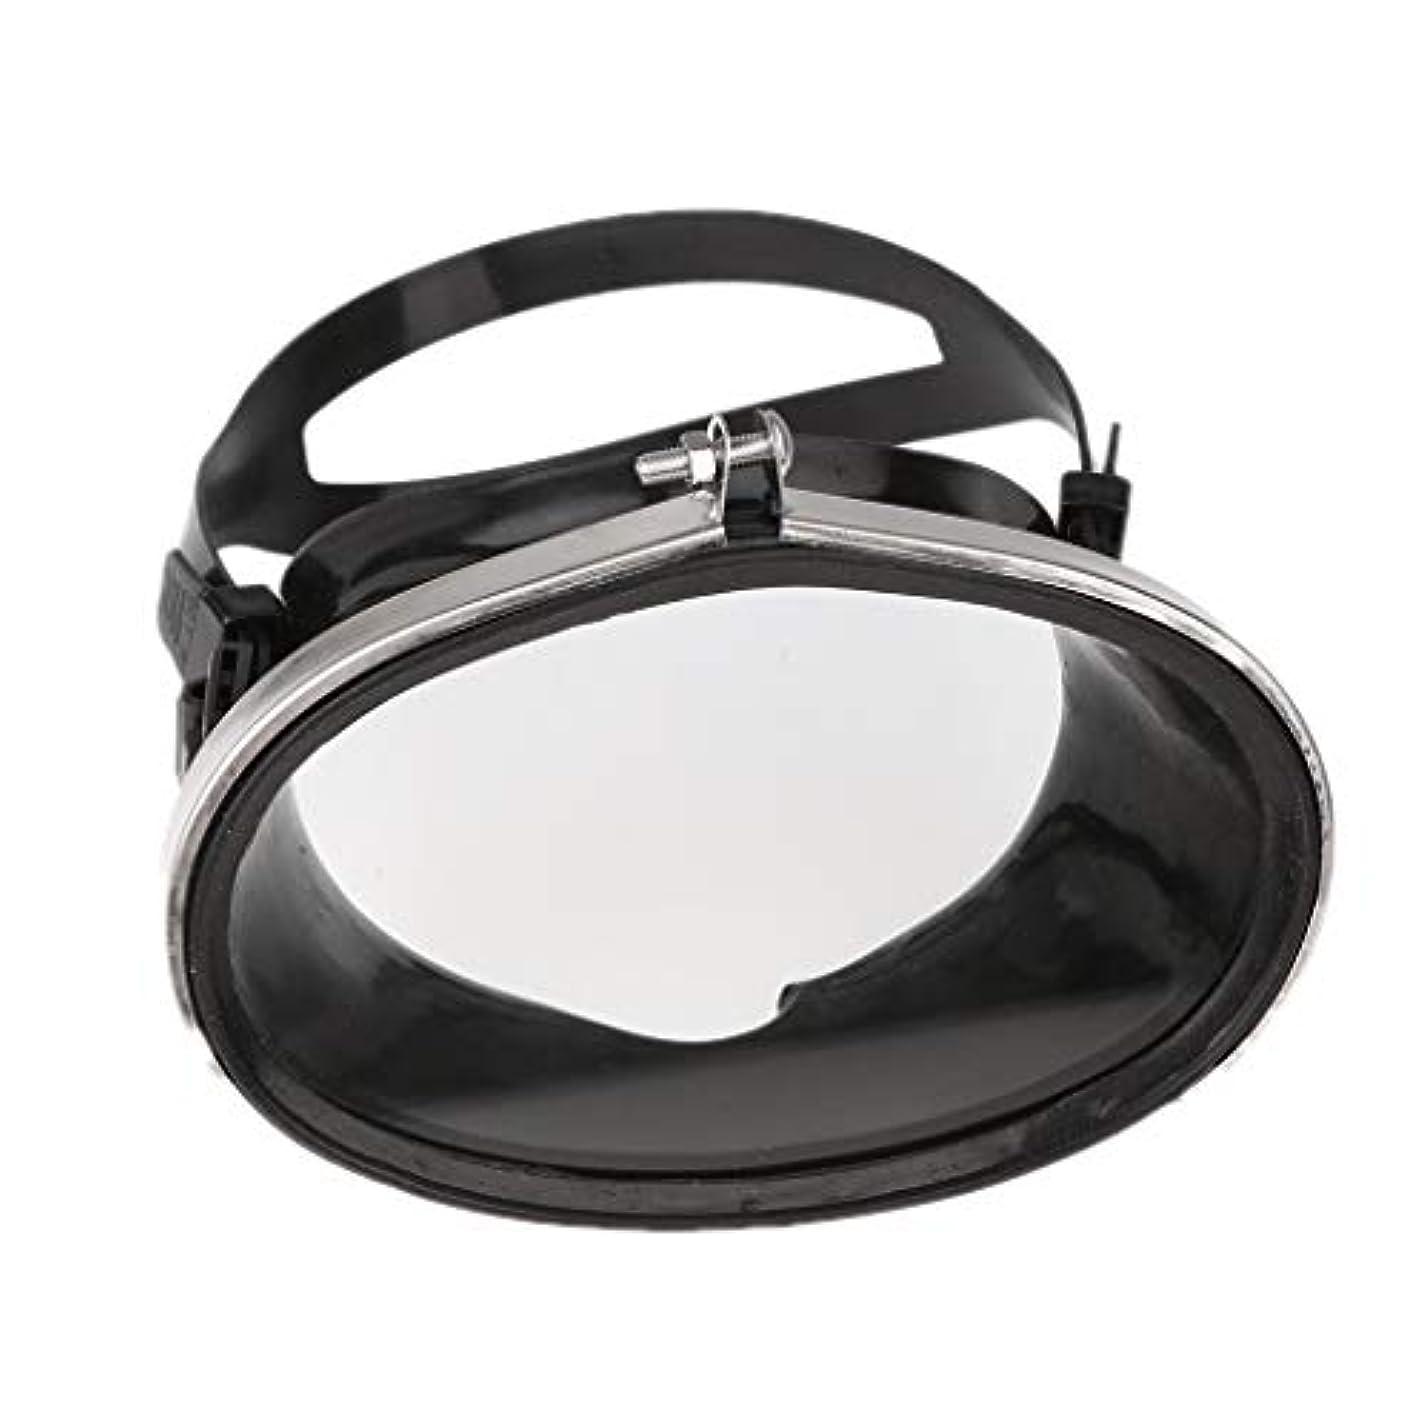 聖職者ヨーグルトピースプロのダイビングマスク無料ダイビング呼吸マスク g5y9k2i3rw1